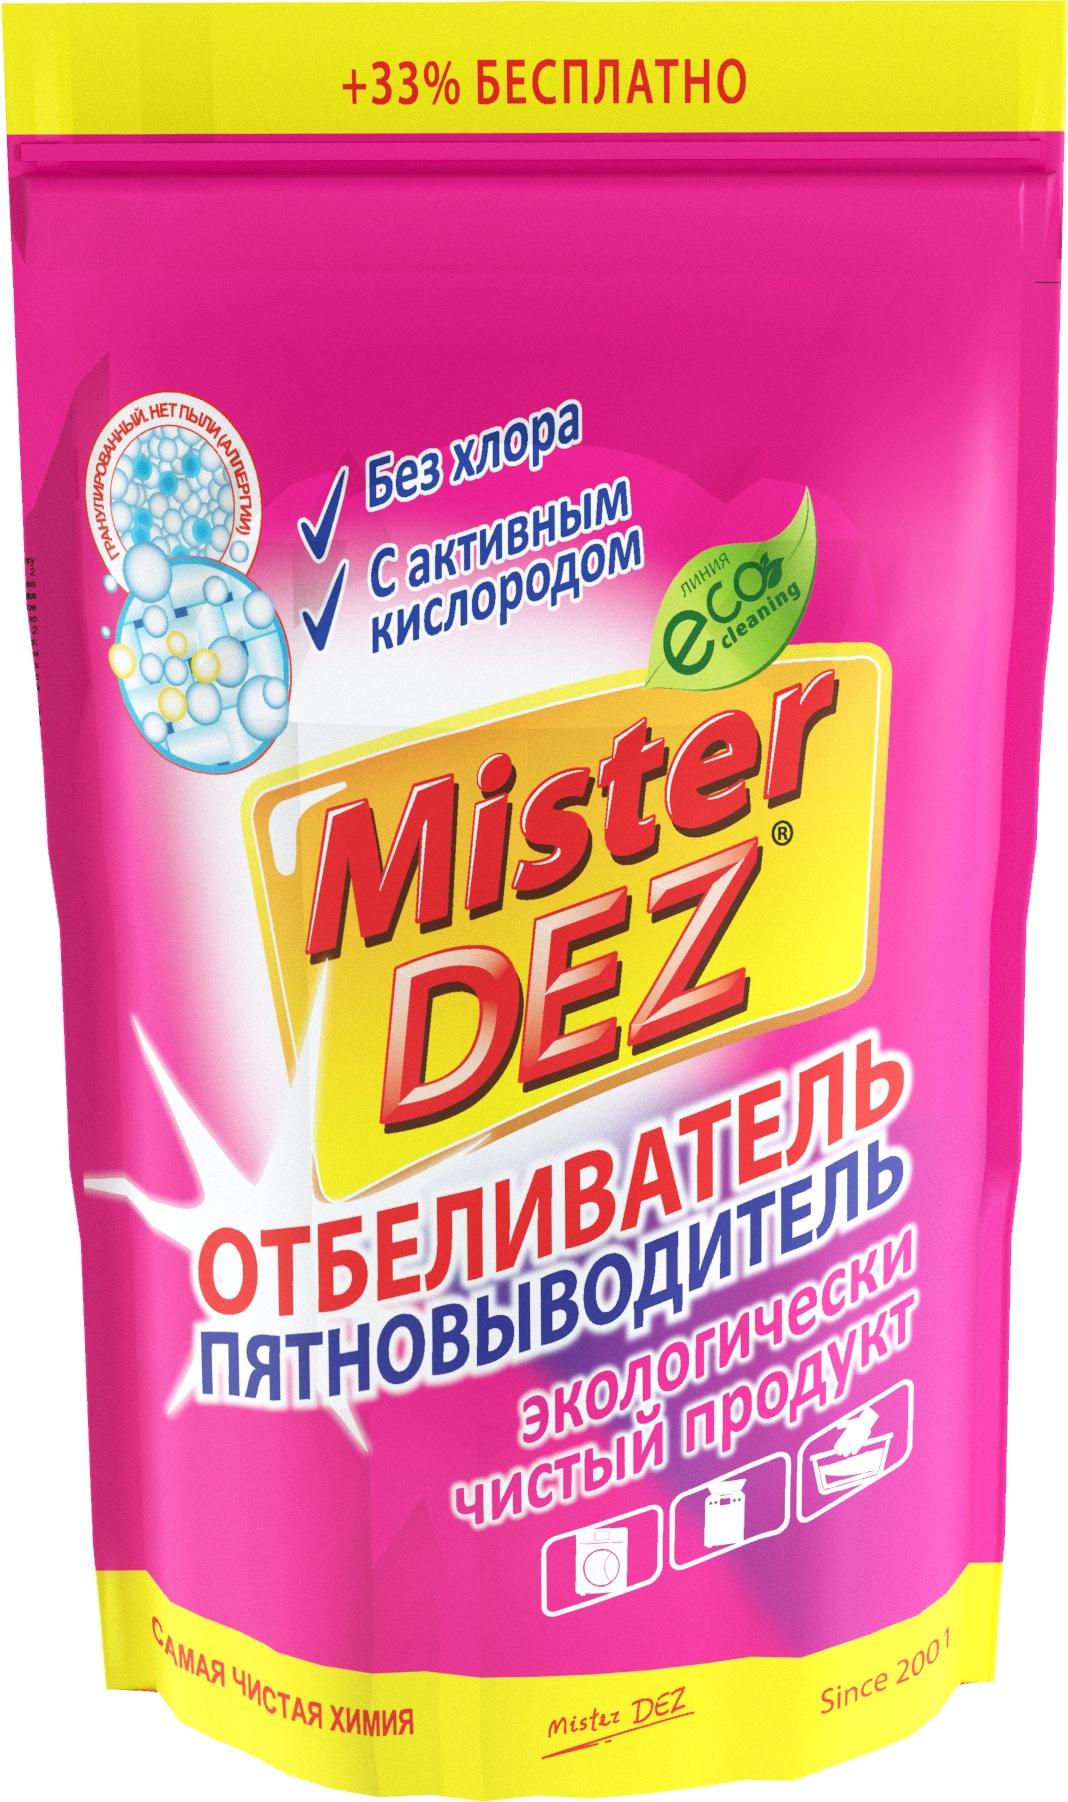 цены на Отбеливатель-пятновыводитель Mister Dez Eco-Cleaning с активным кислородом 800 гр  в интернет-магазинах